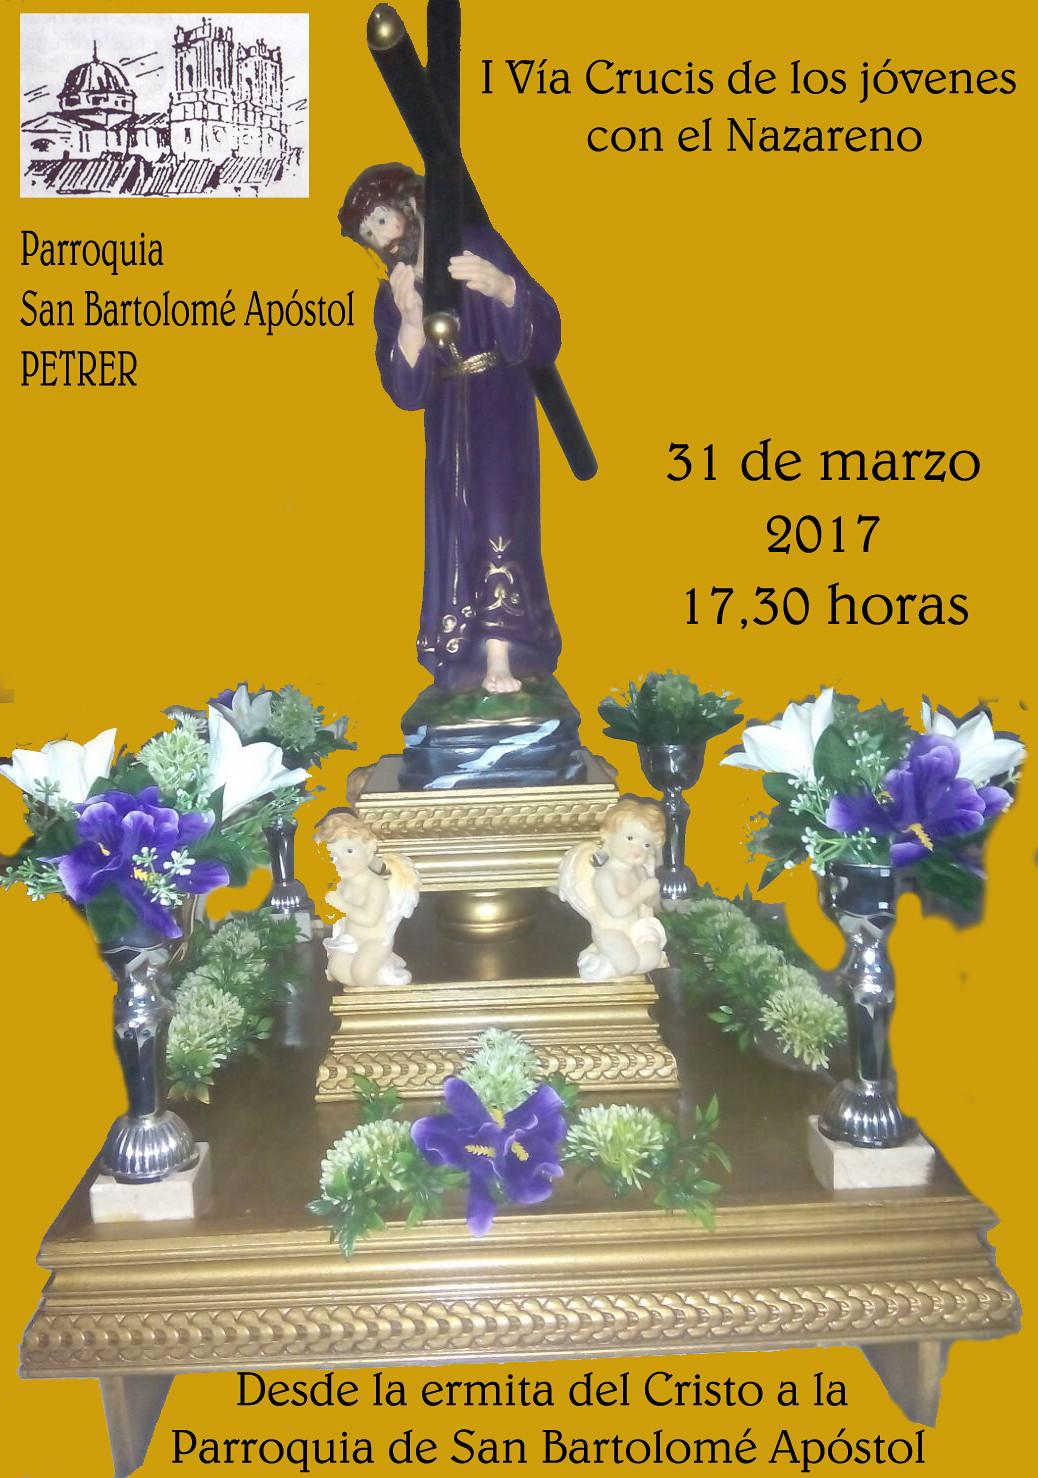 (2017-03-31) - I Vía Crucis jóvenes - (00)